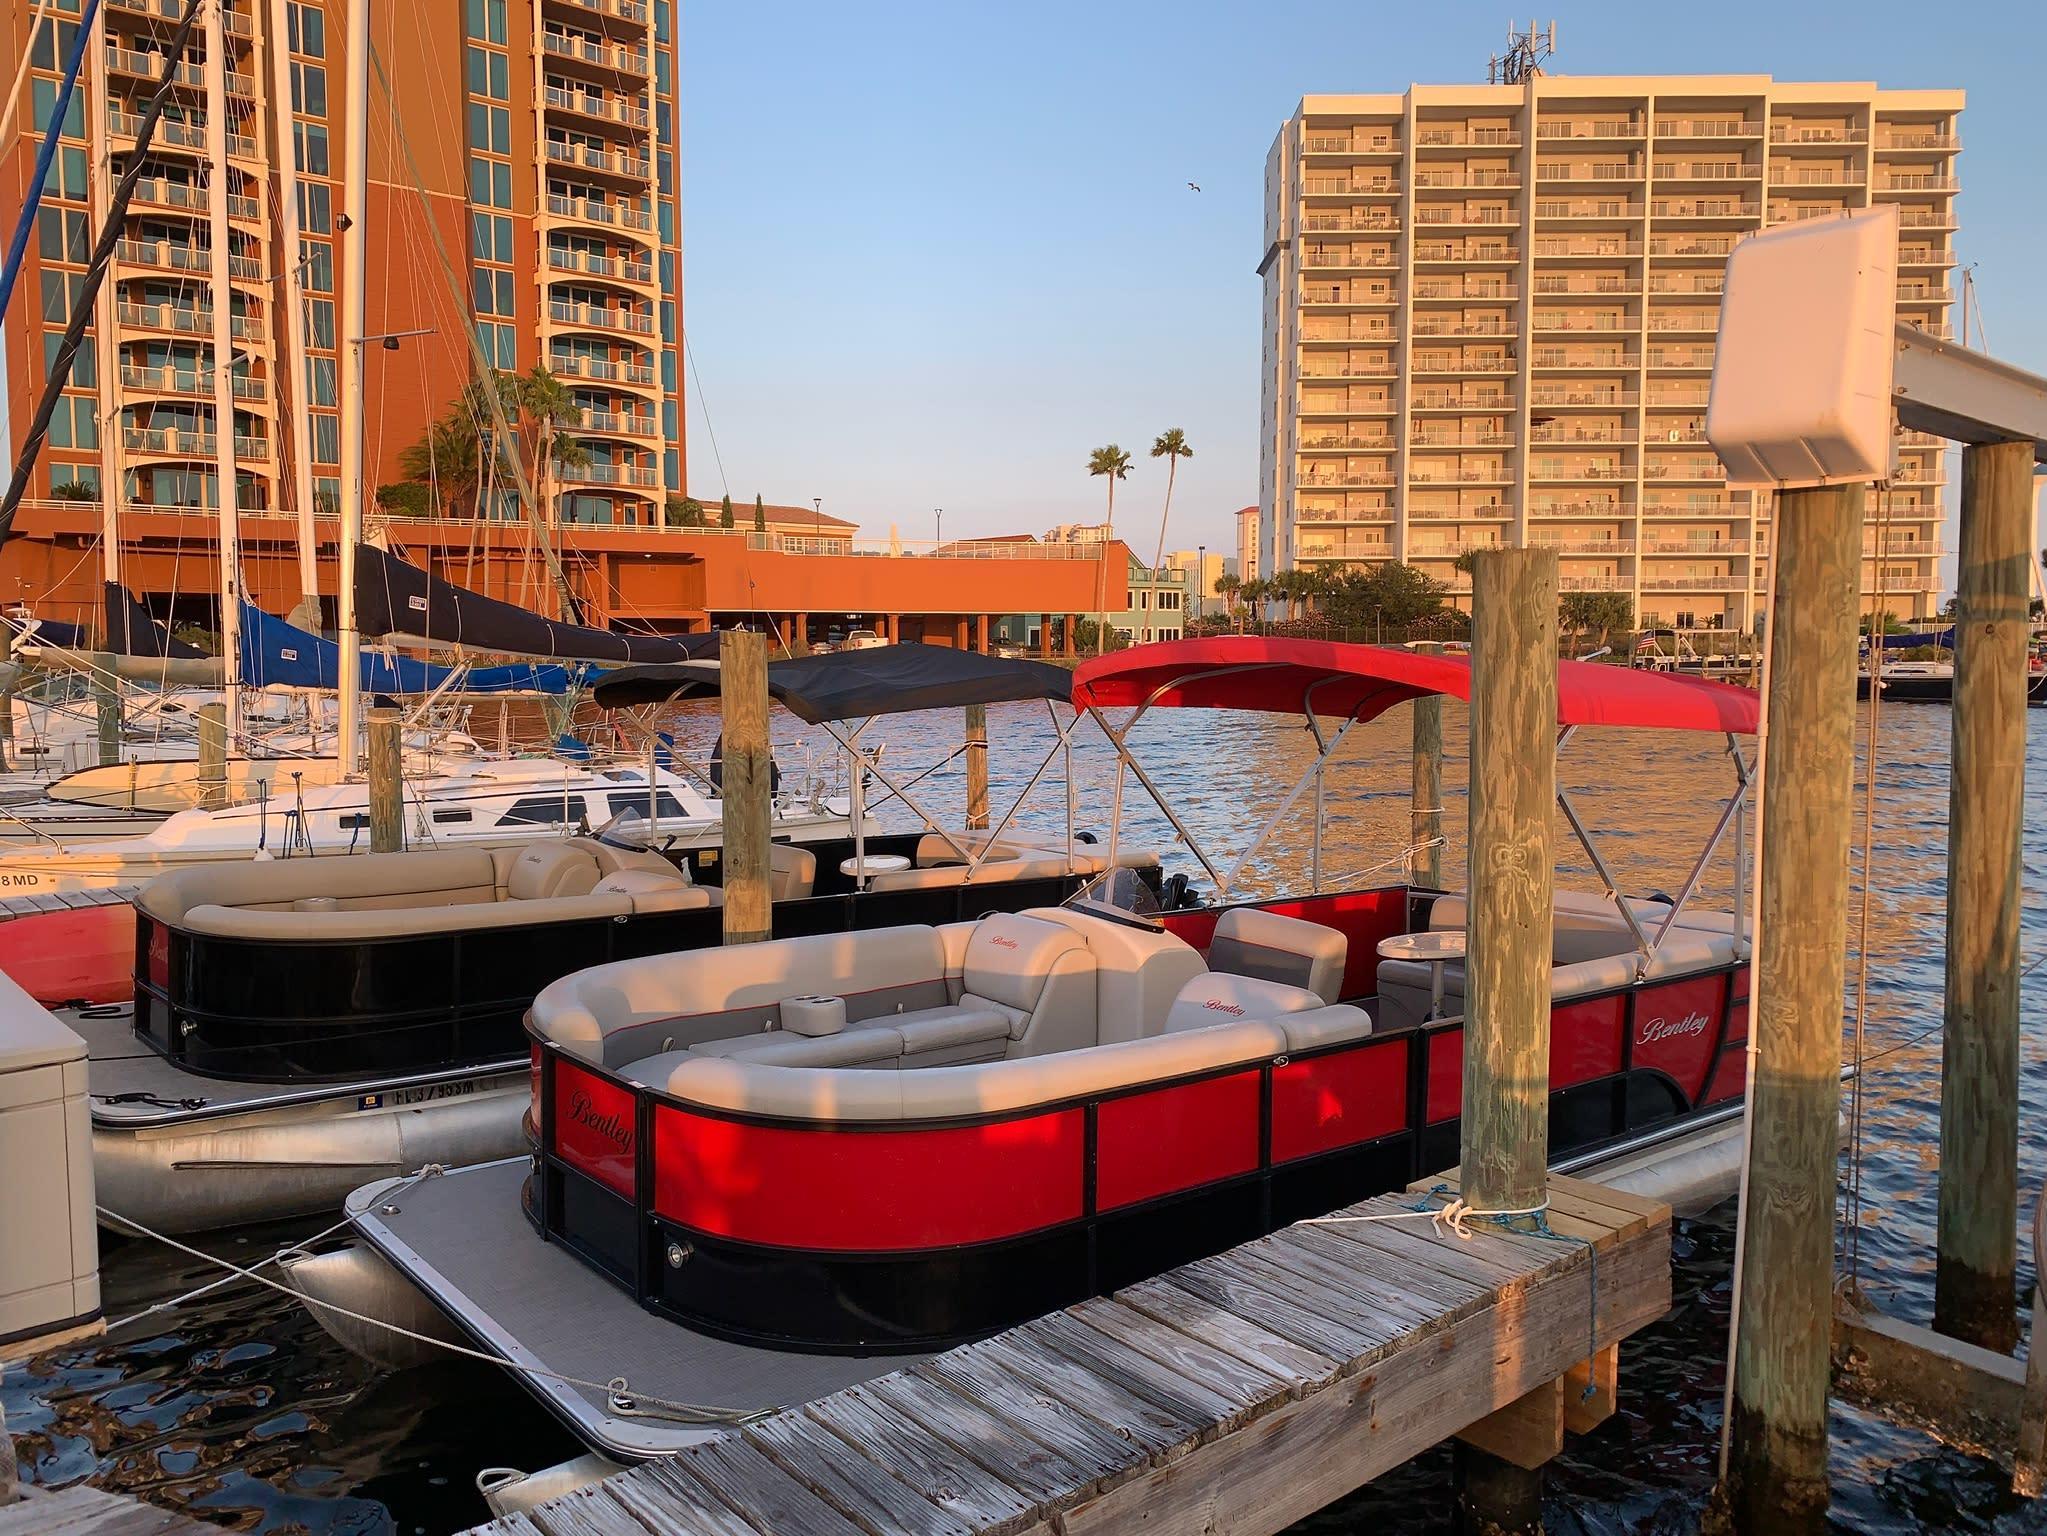 Pensacola Beach Dolphin Tours, Pontoons & More!